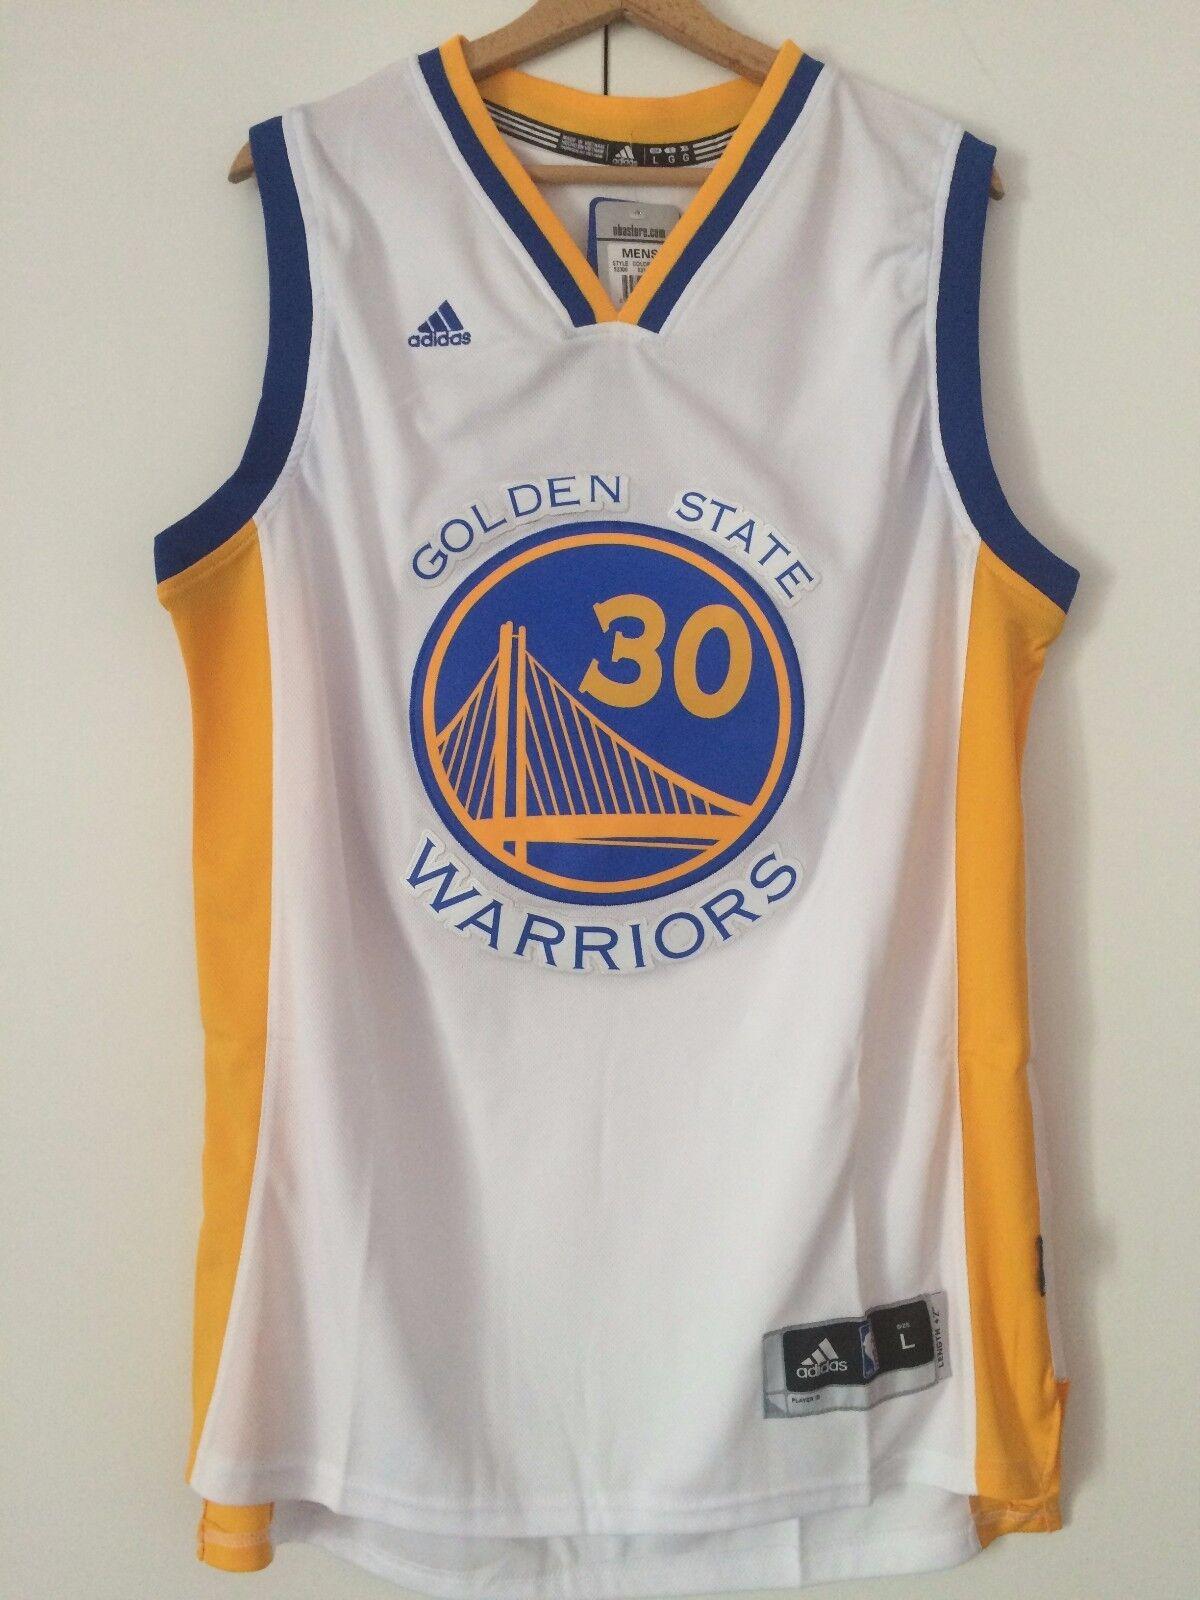 Trägerhemd nba Basketball Trikot Stephen Stephen Stephen Curry jersey Golden State Warriors c4ca76